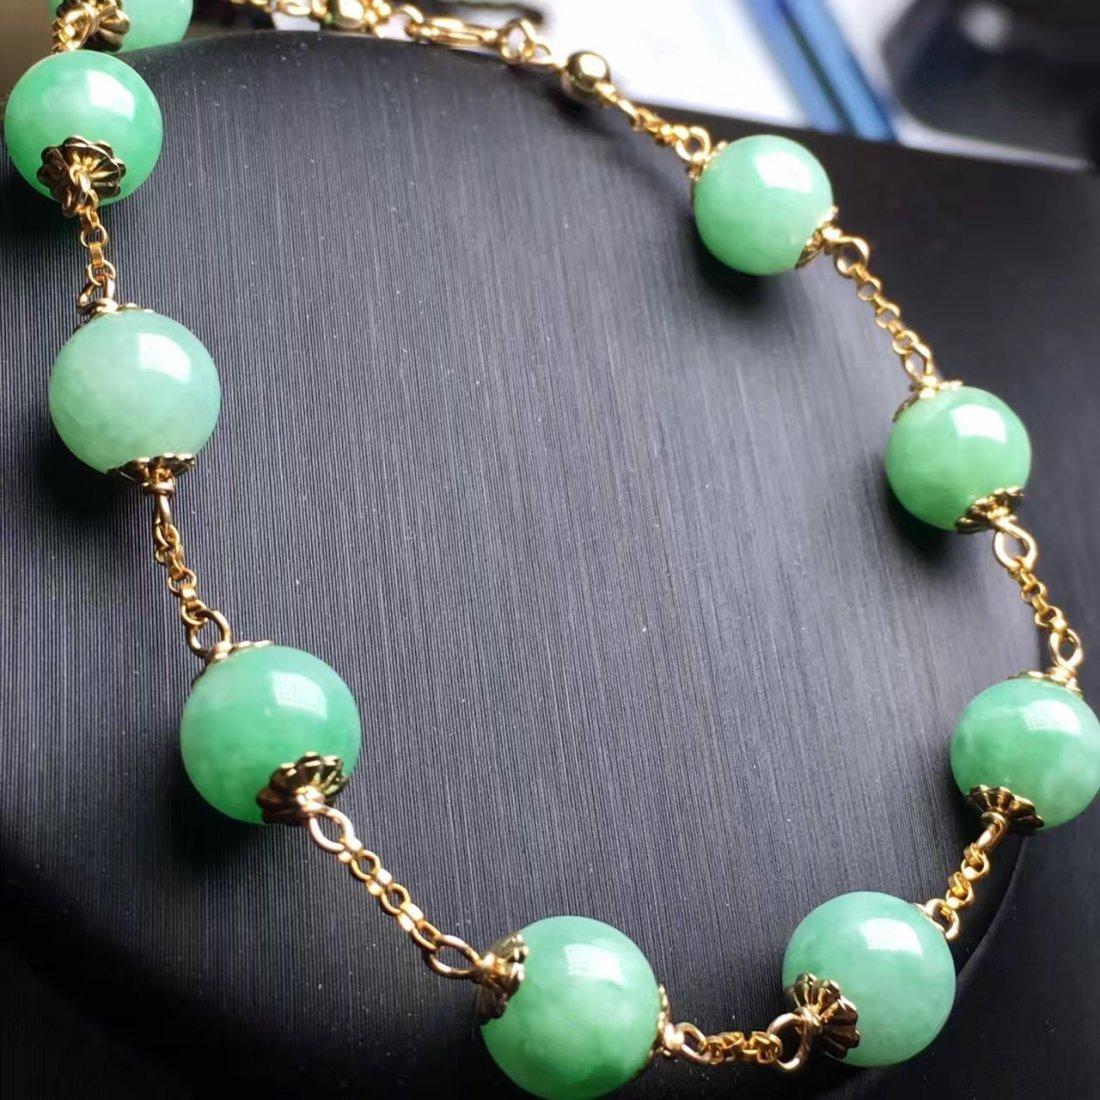 14K Gold Natural Jadeite Bracelet - 2